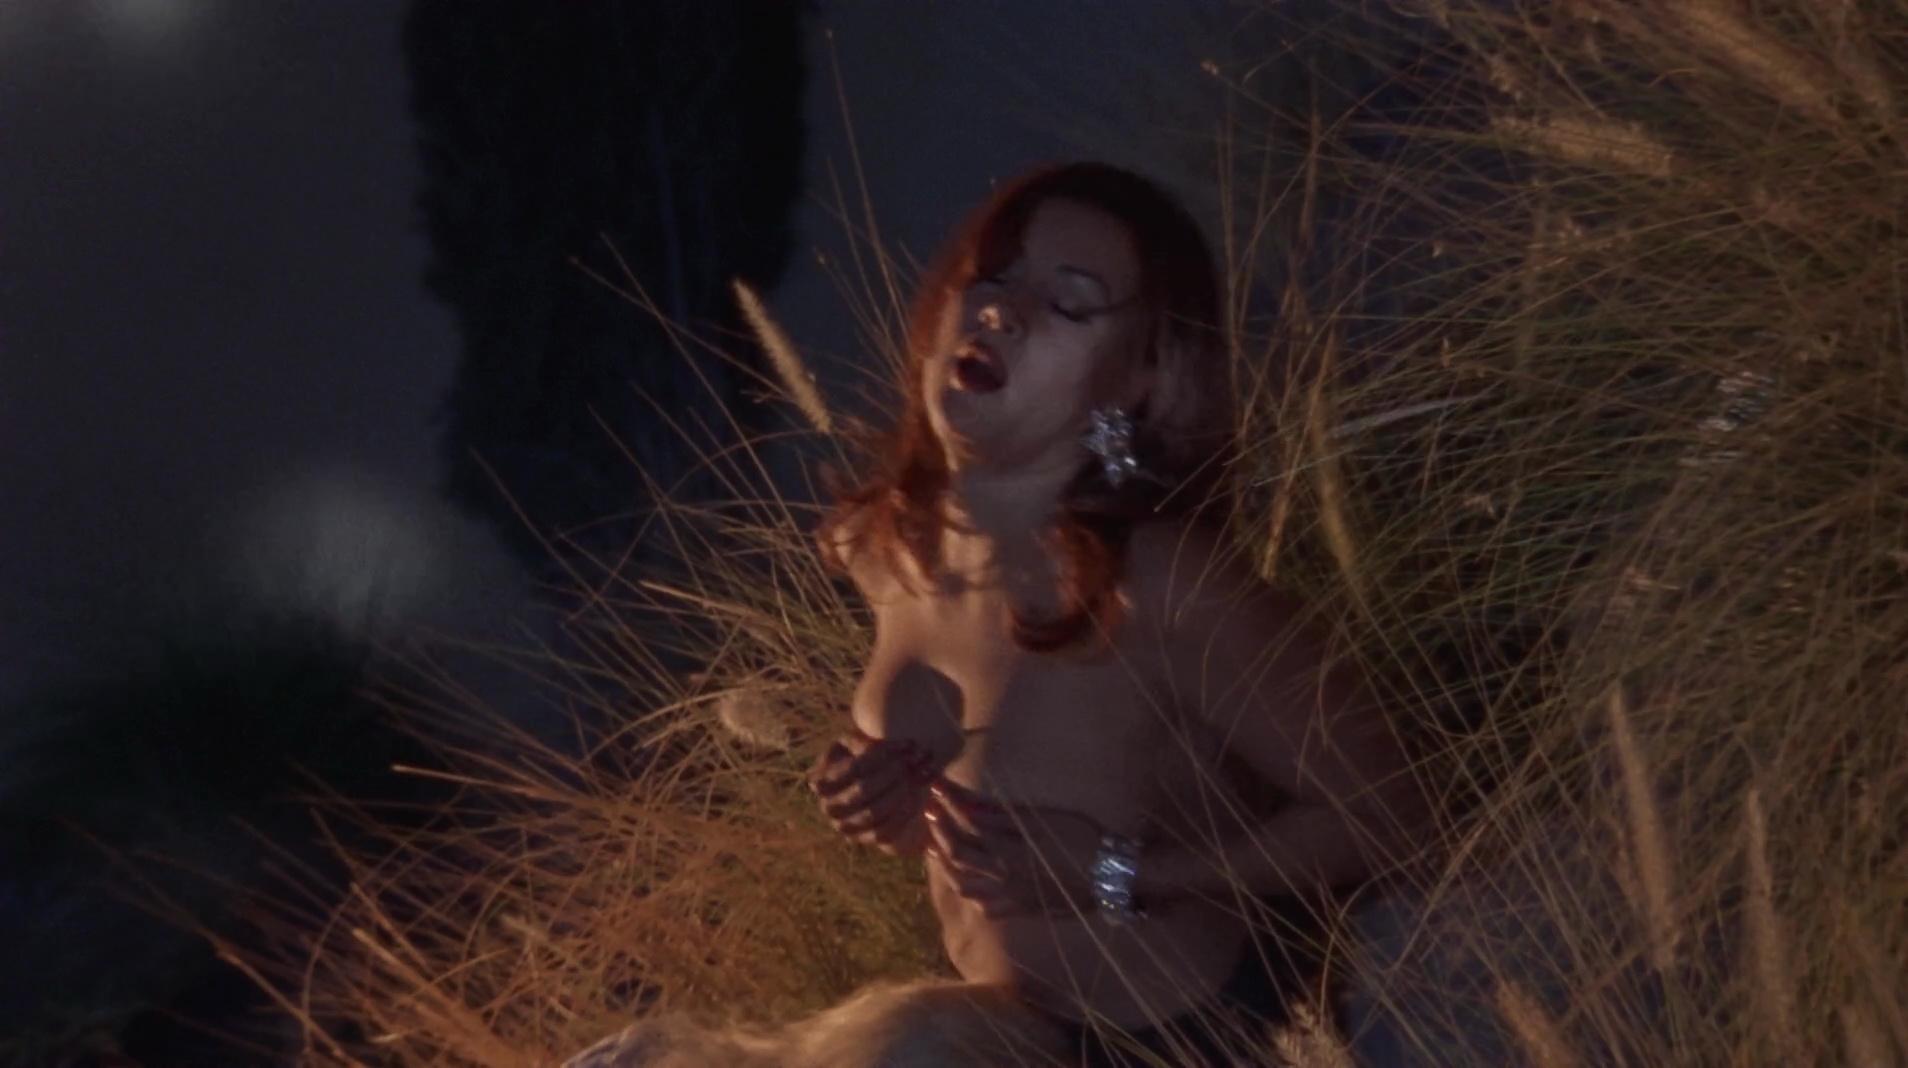 Jennifer tilly full length sex tape